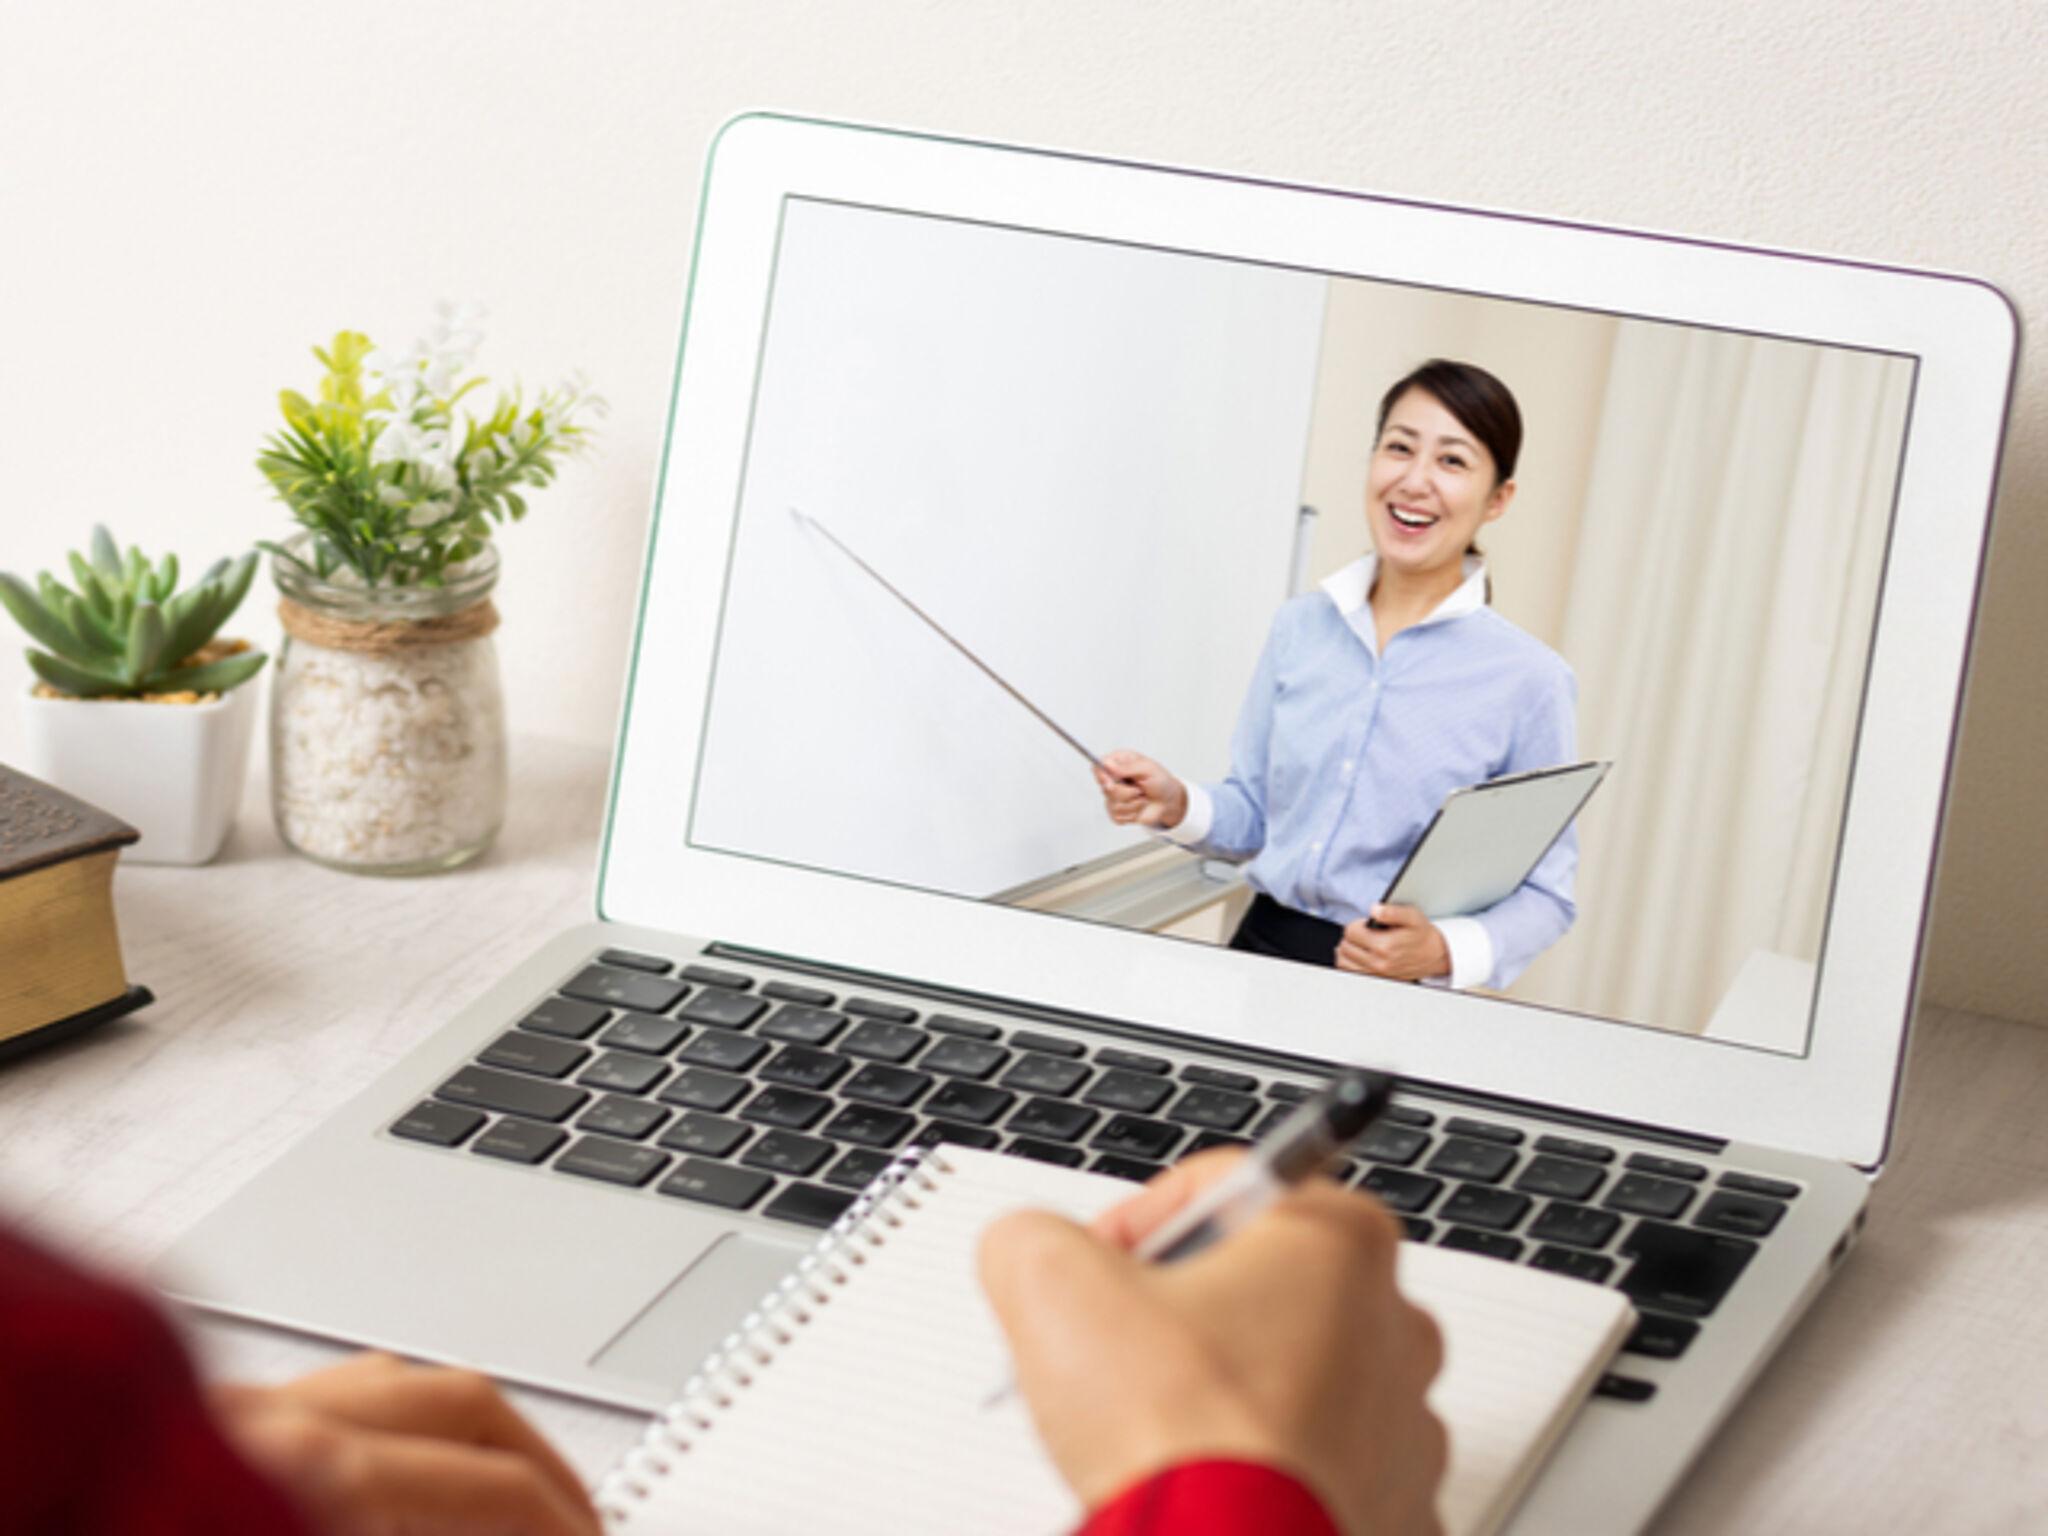 オンライン授業を行う塾の画像